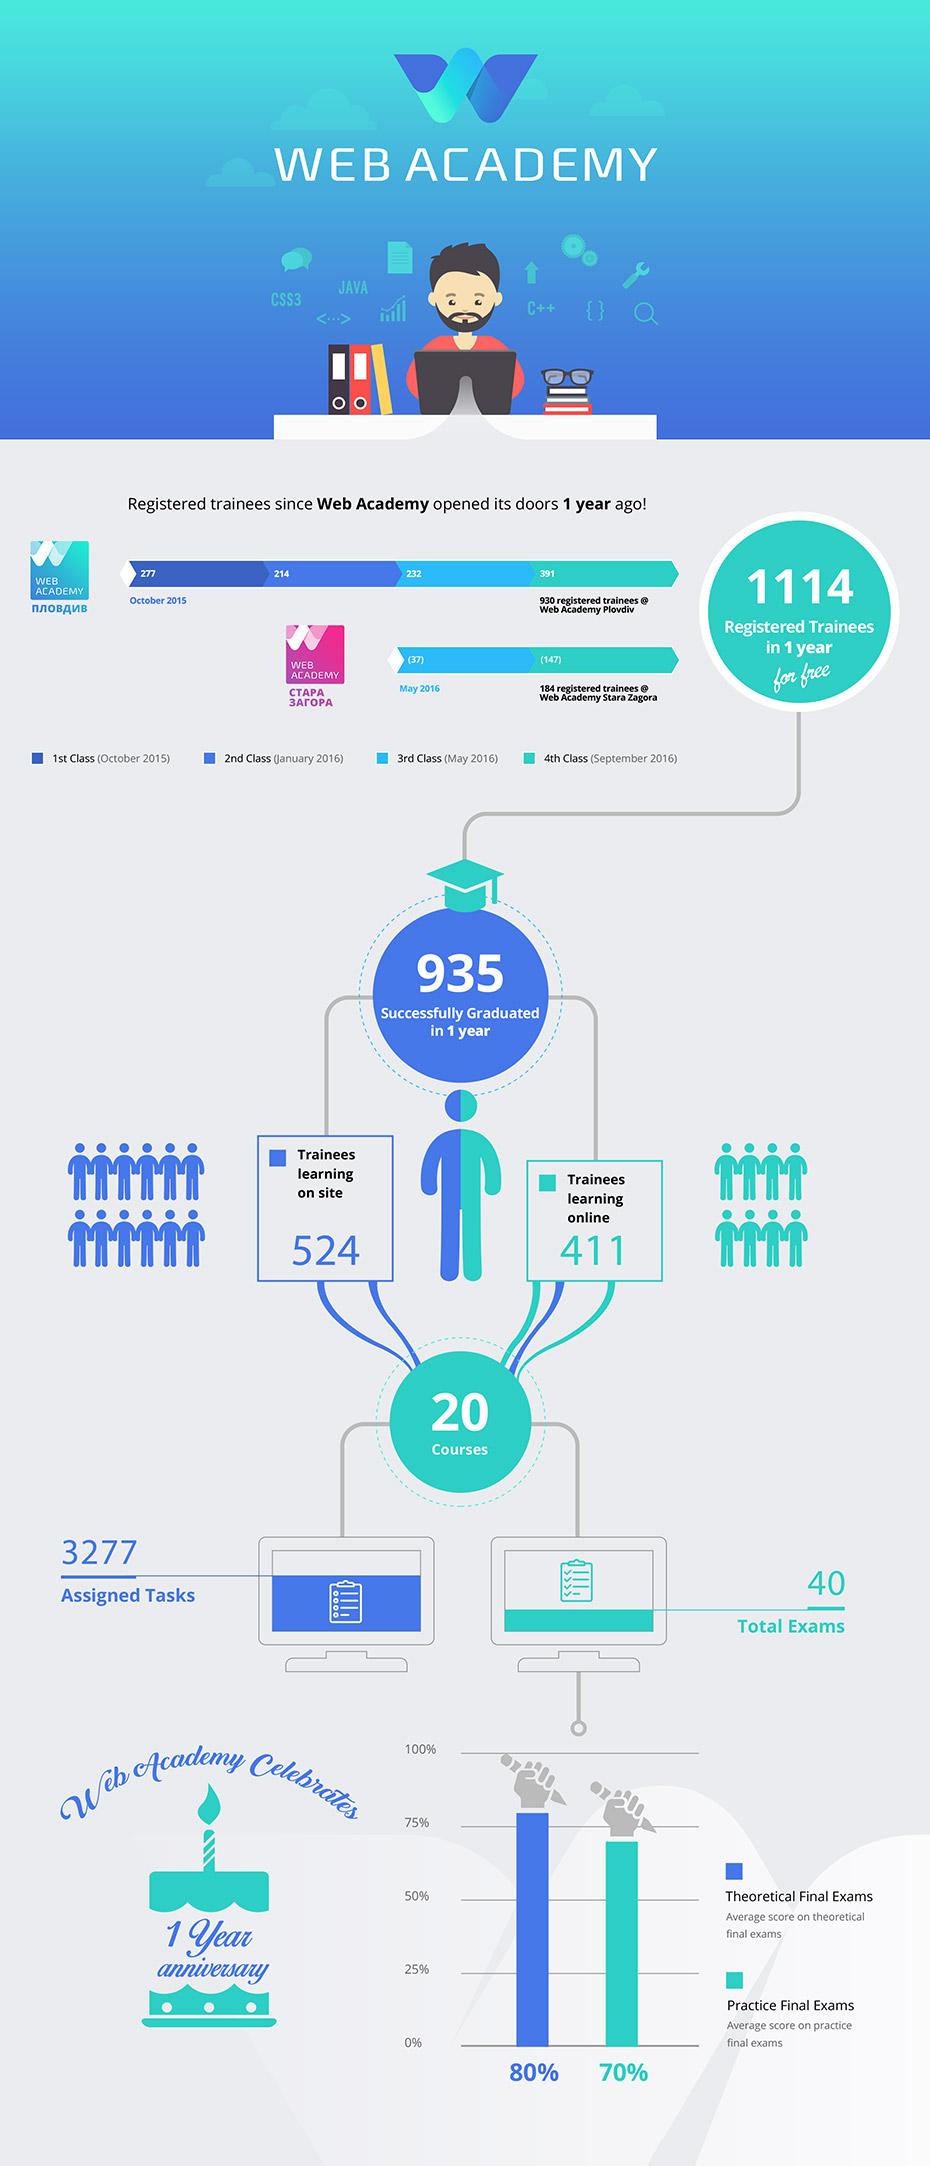 webacademy infographic